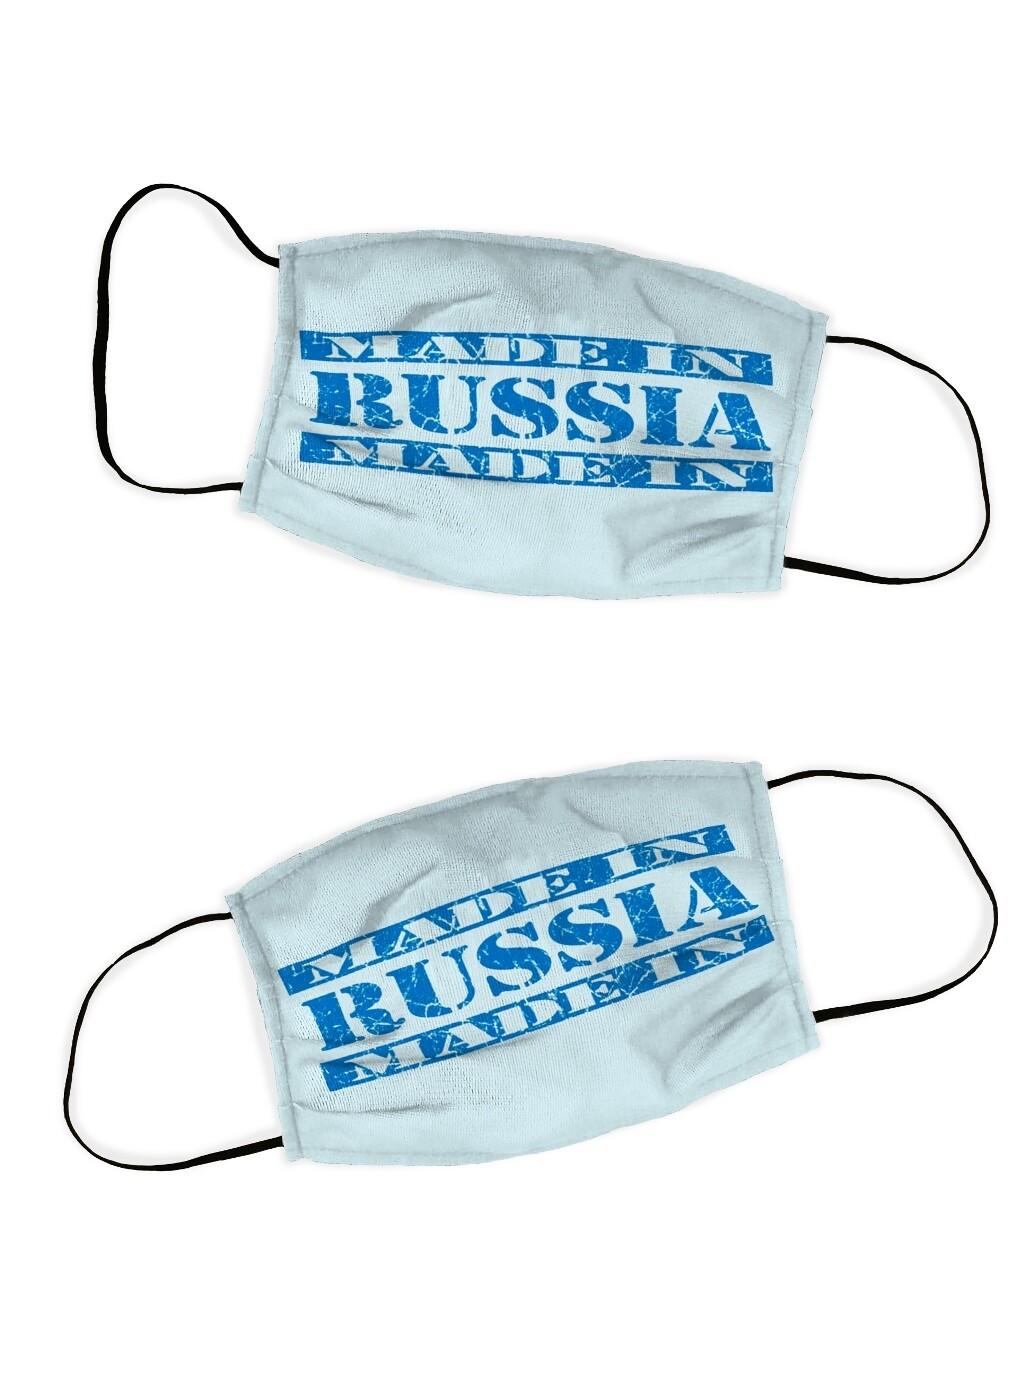 Защитная маска набор 2 шт. Сделано в России